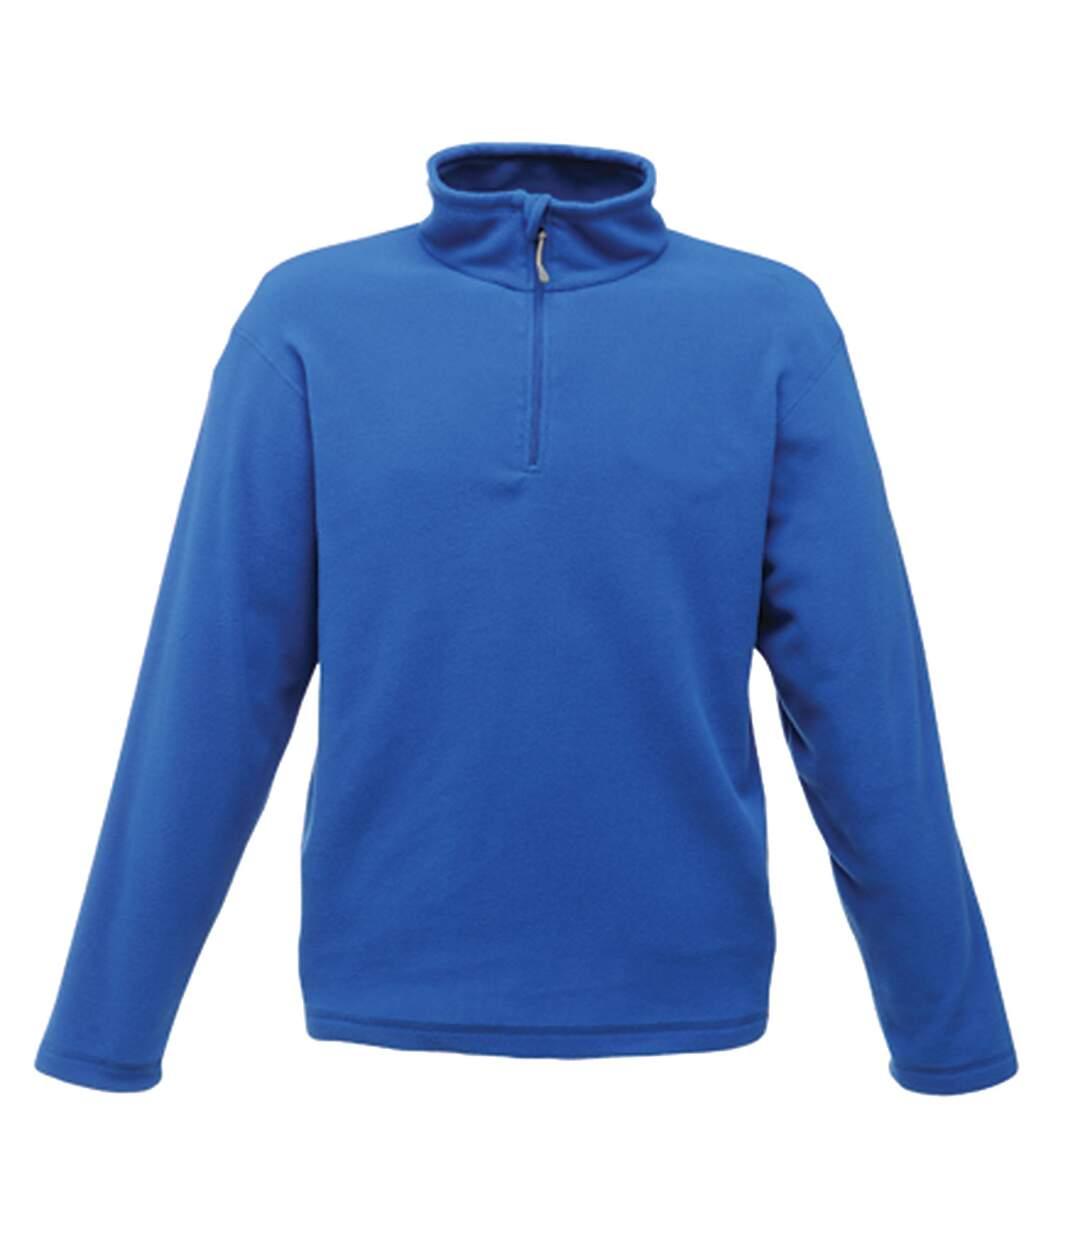 Regatta Mens Micro Zip Neck Fleece Top (Royal Blue) - UTRG1580